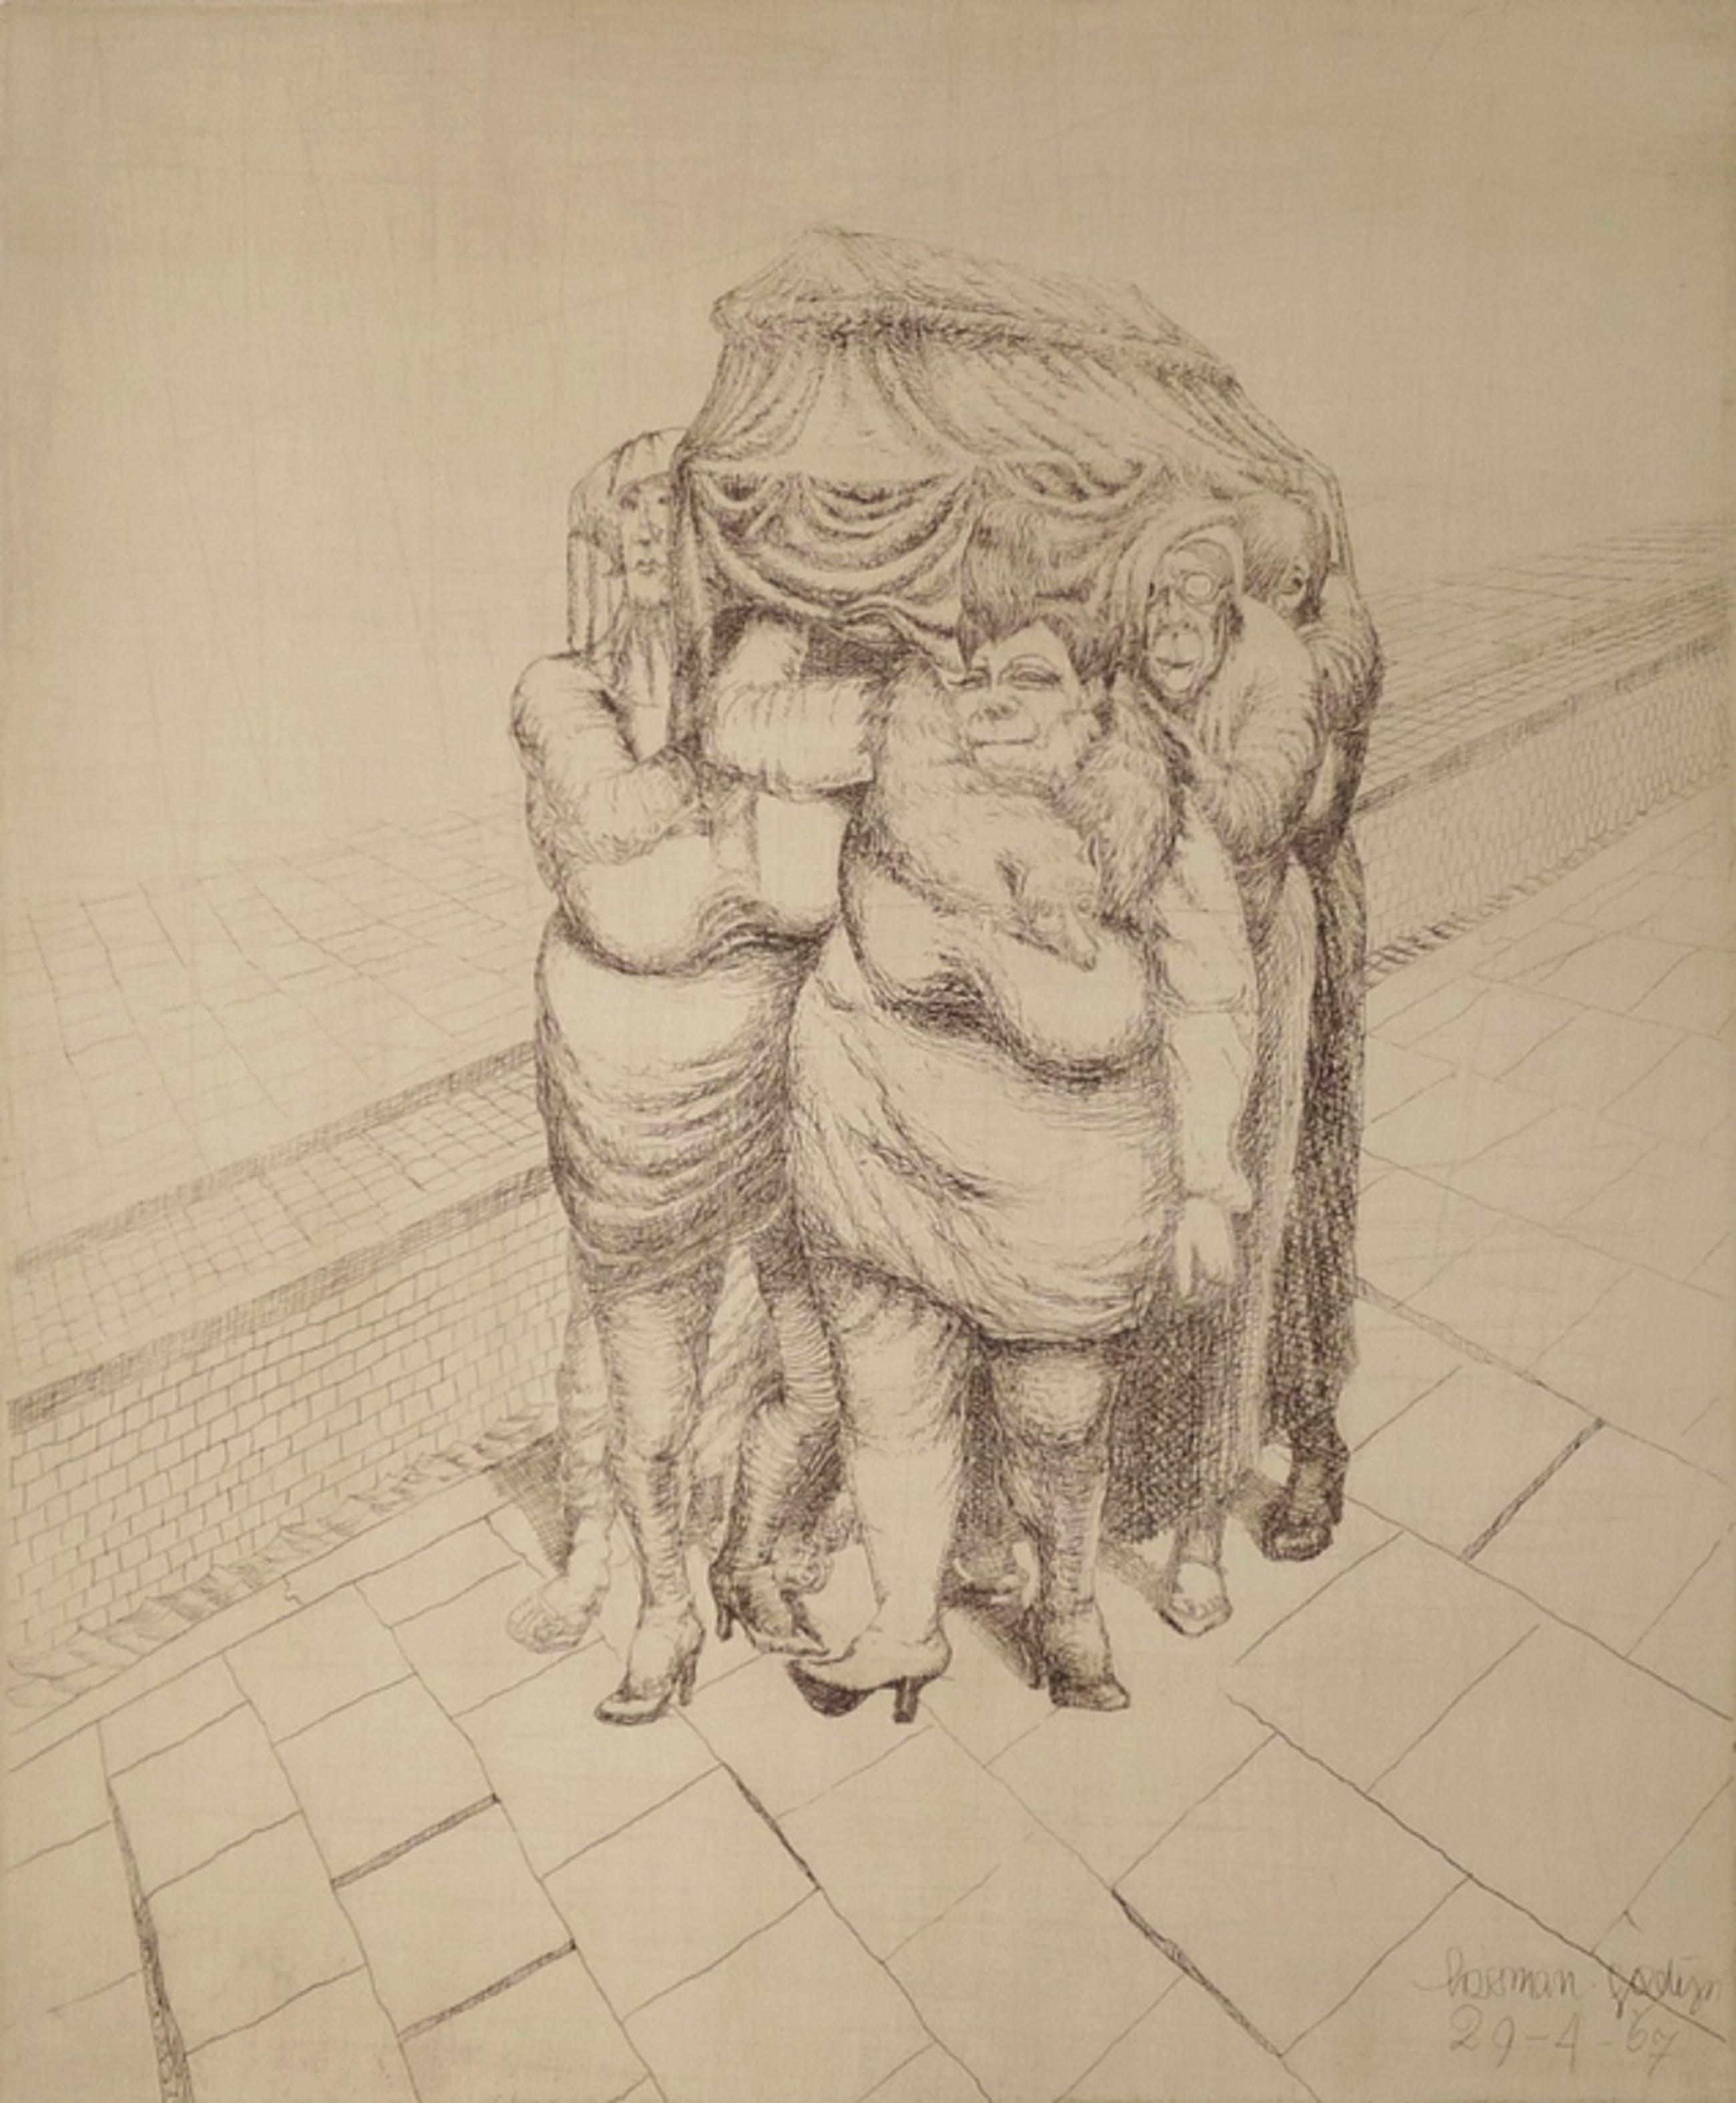 Herman Gordijn: Ets, Begrafenis, Gesigneerd,1967 kopen? Bied vanaf 225!